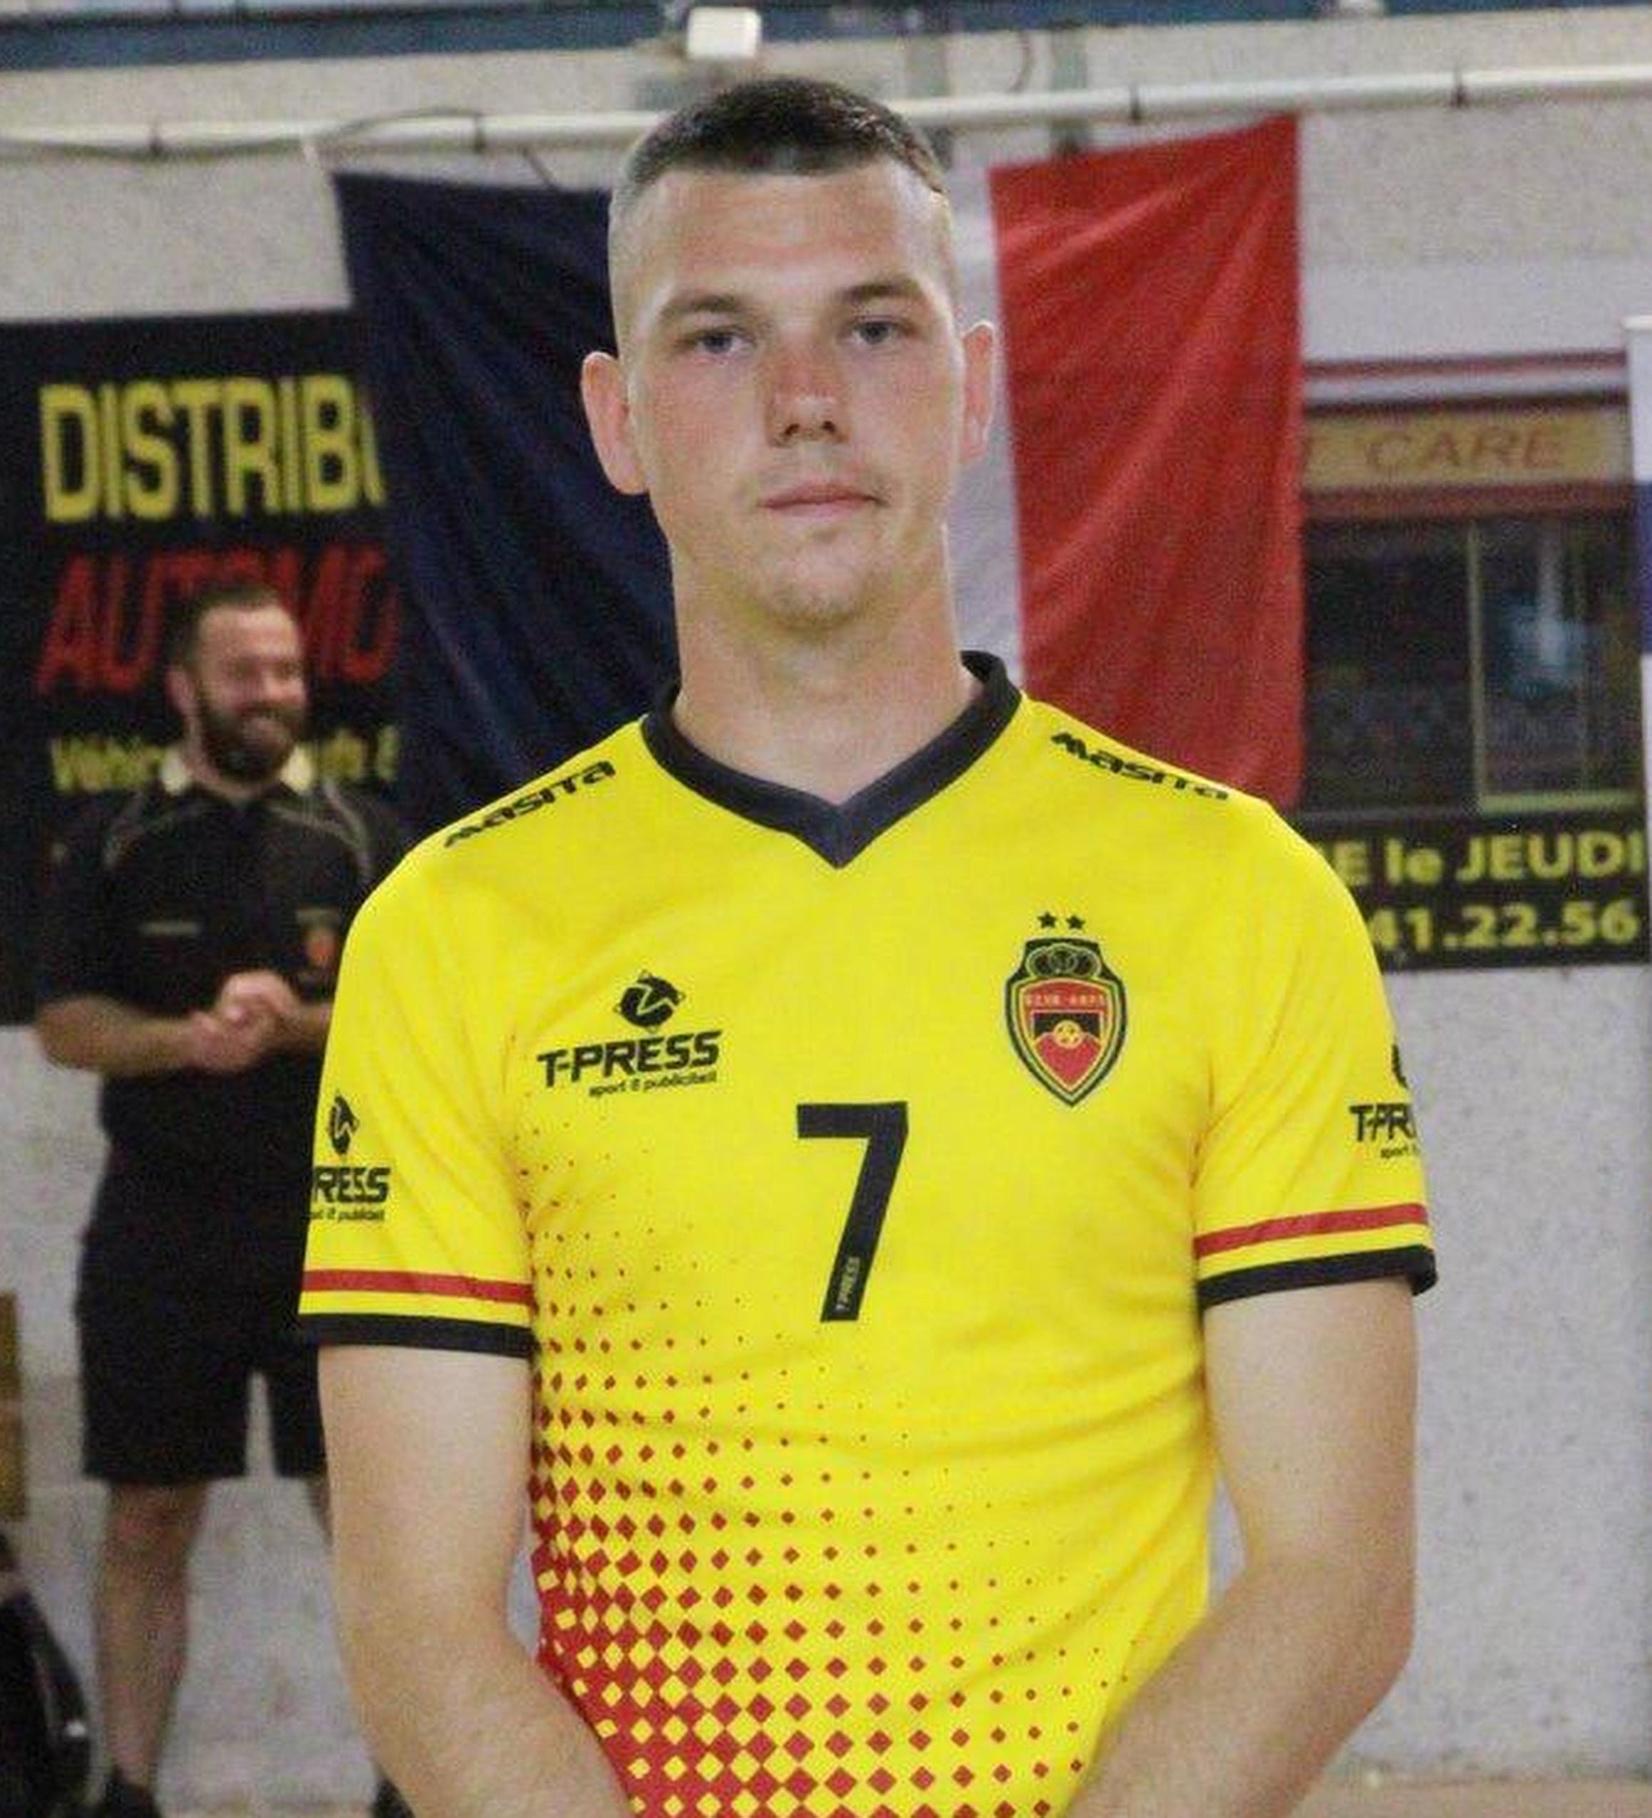 Hij behoort ook tot de nationale zaalvoetbalploeg.